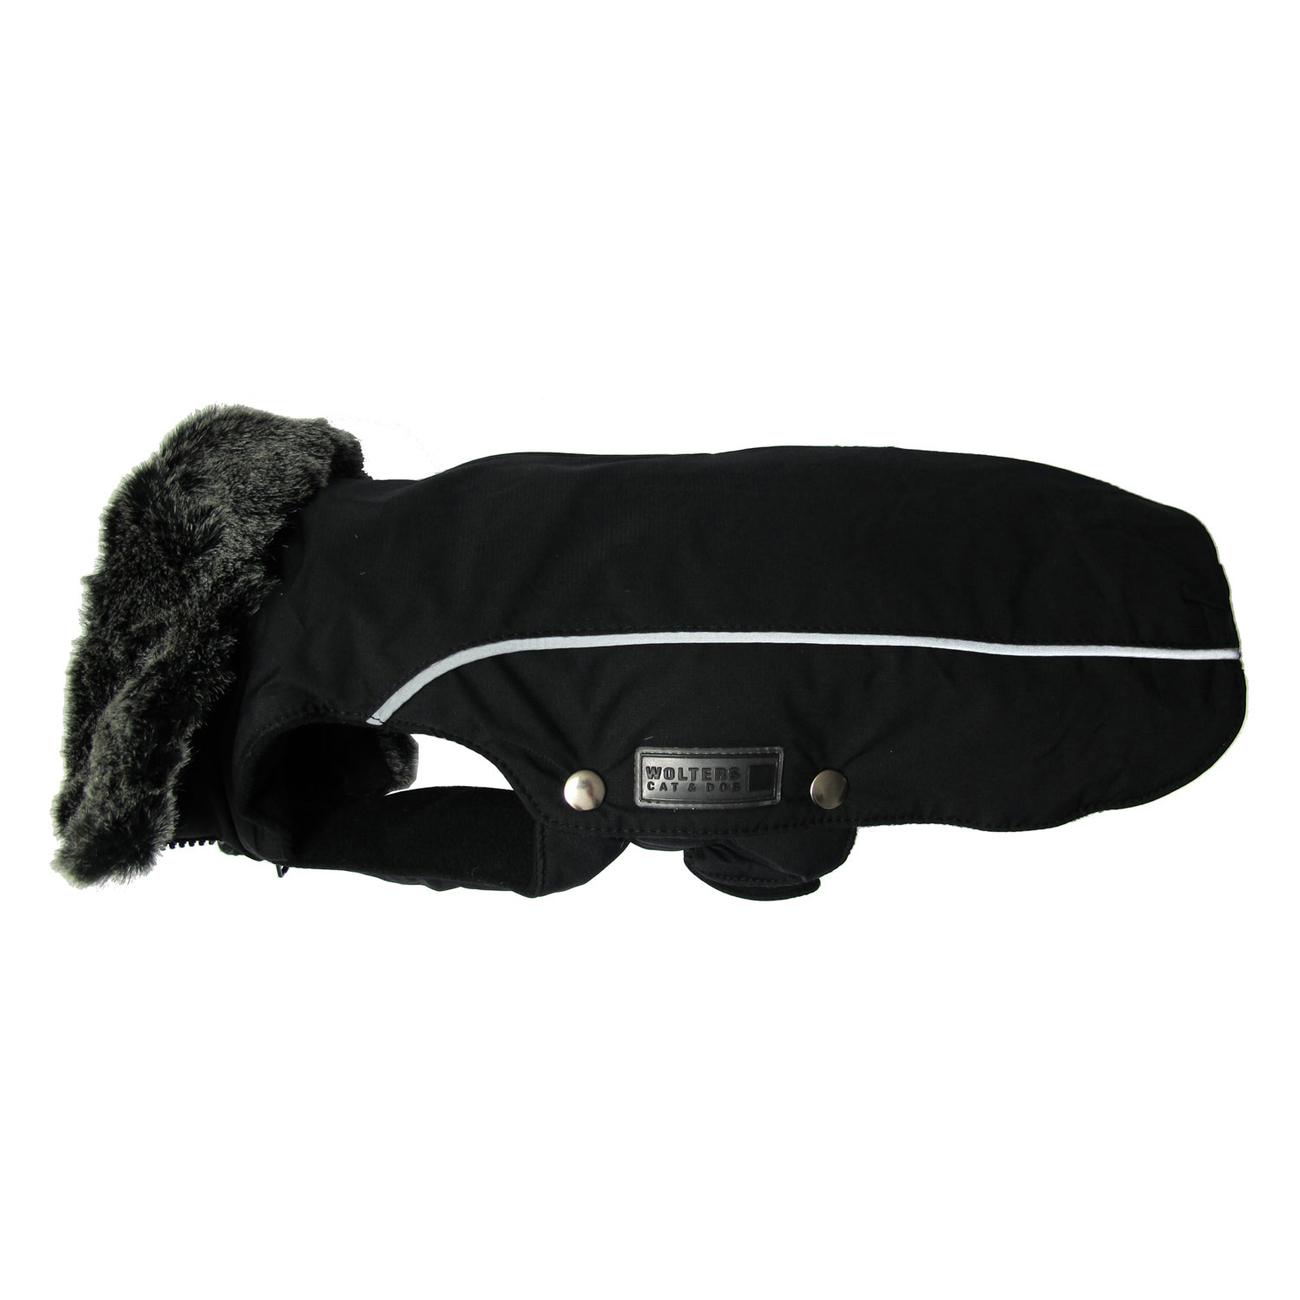 Wolters Winterjacke für Hunde Amundsen, Bild 11